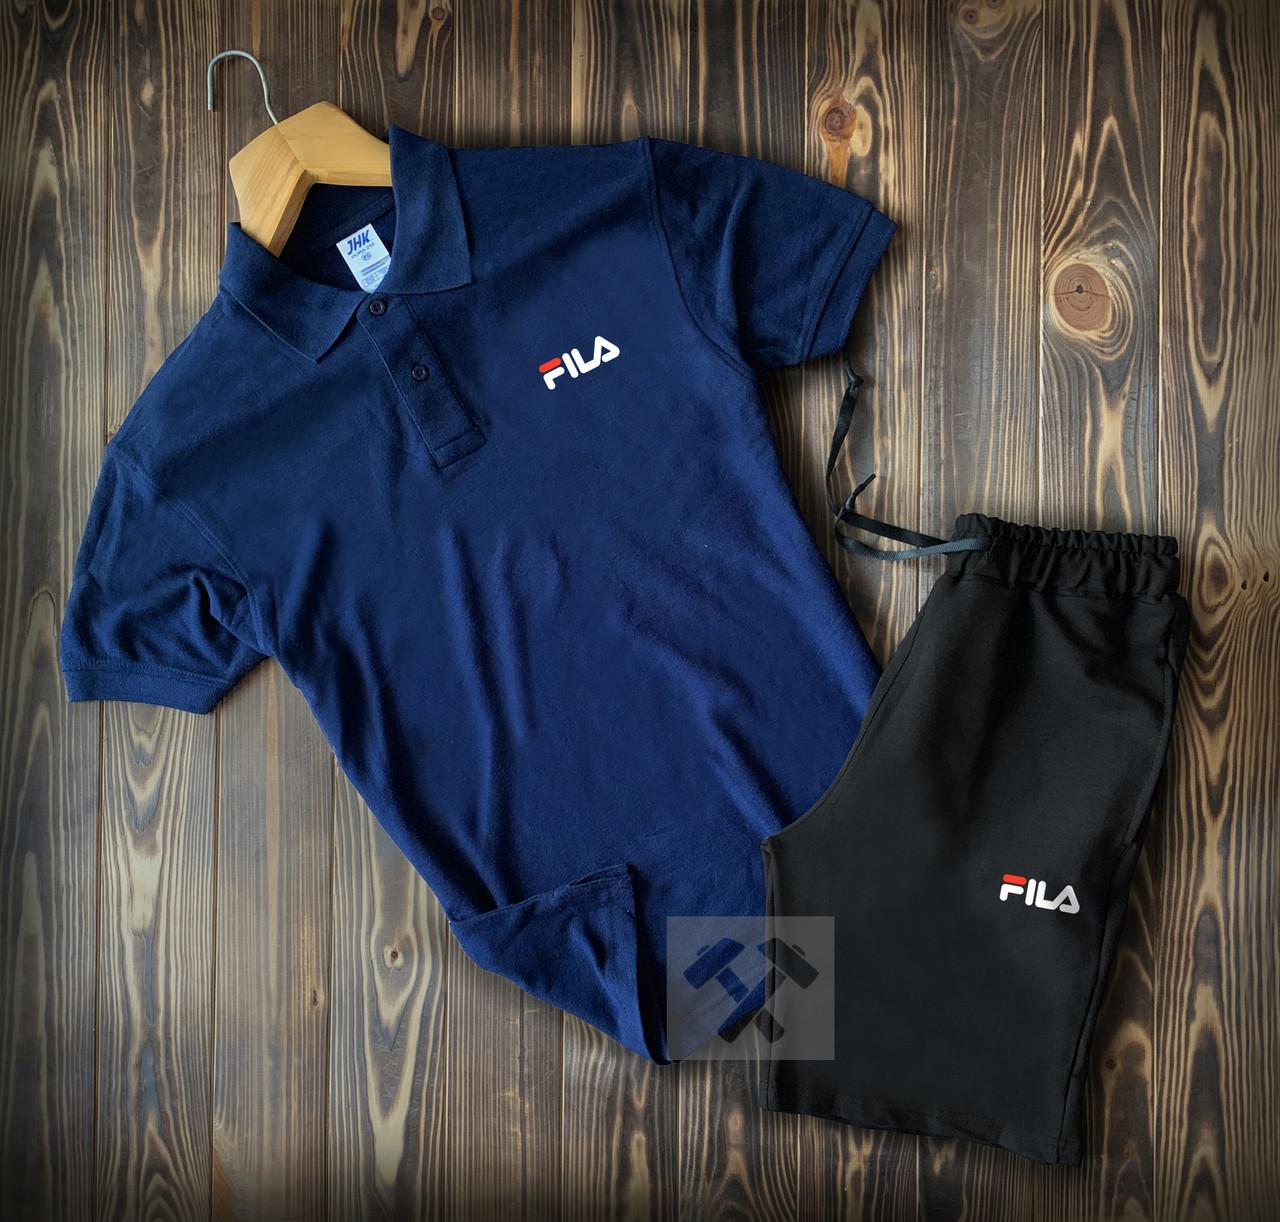 Чоловічий літній спортивний комплект Fila синьо-чорний з футболкою-поло